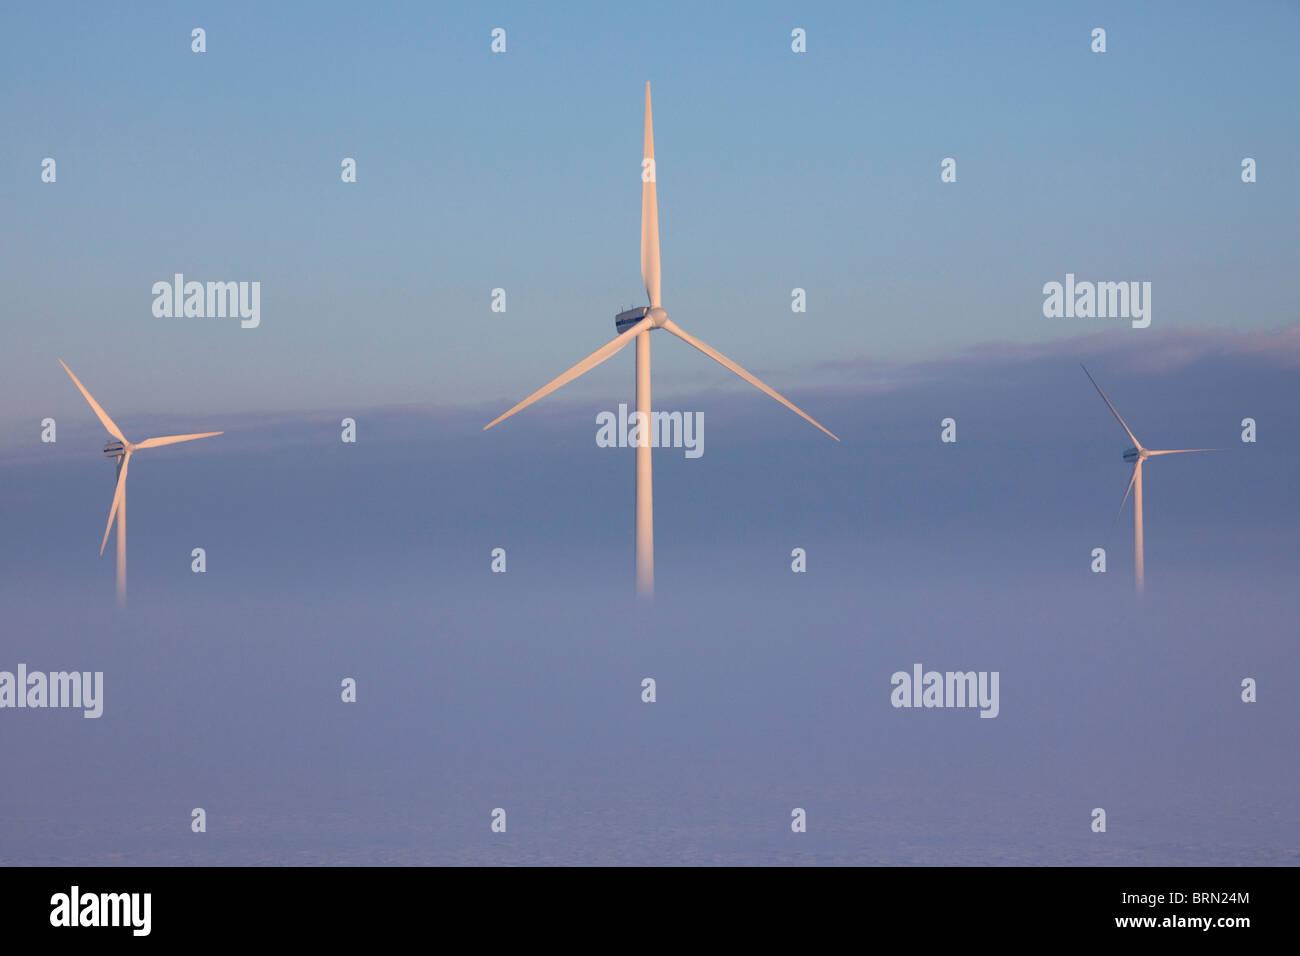 La niebla alrededor de las turbinas eólicas, Frisia septentrional, Schleswig-Holstein, Alemania. Imagen De Stock